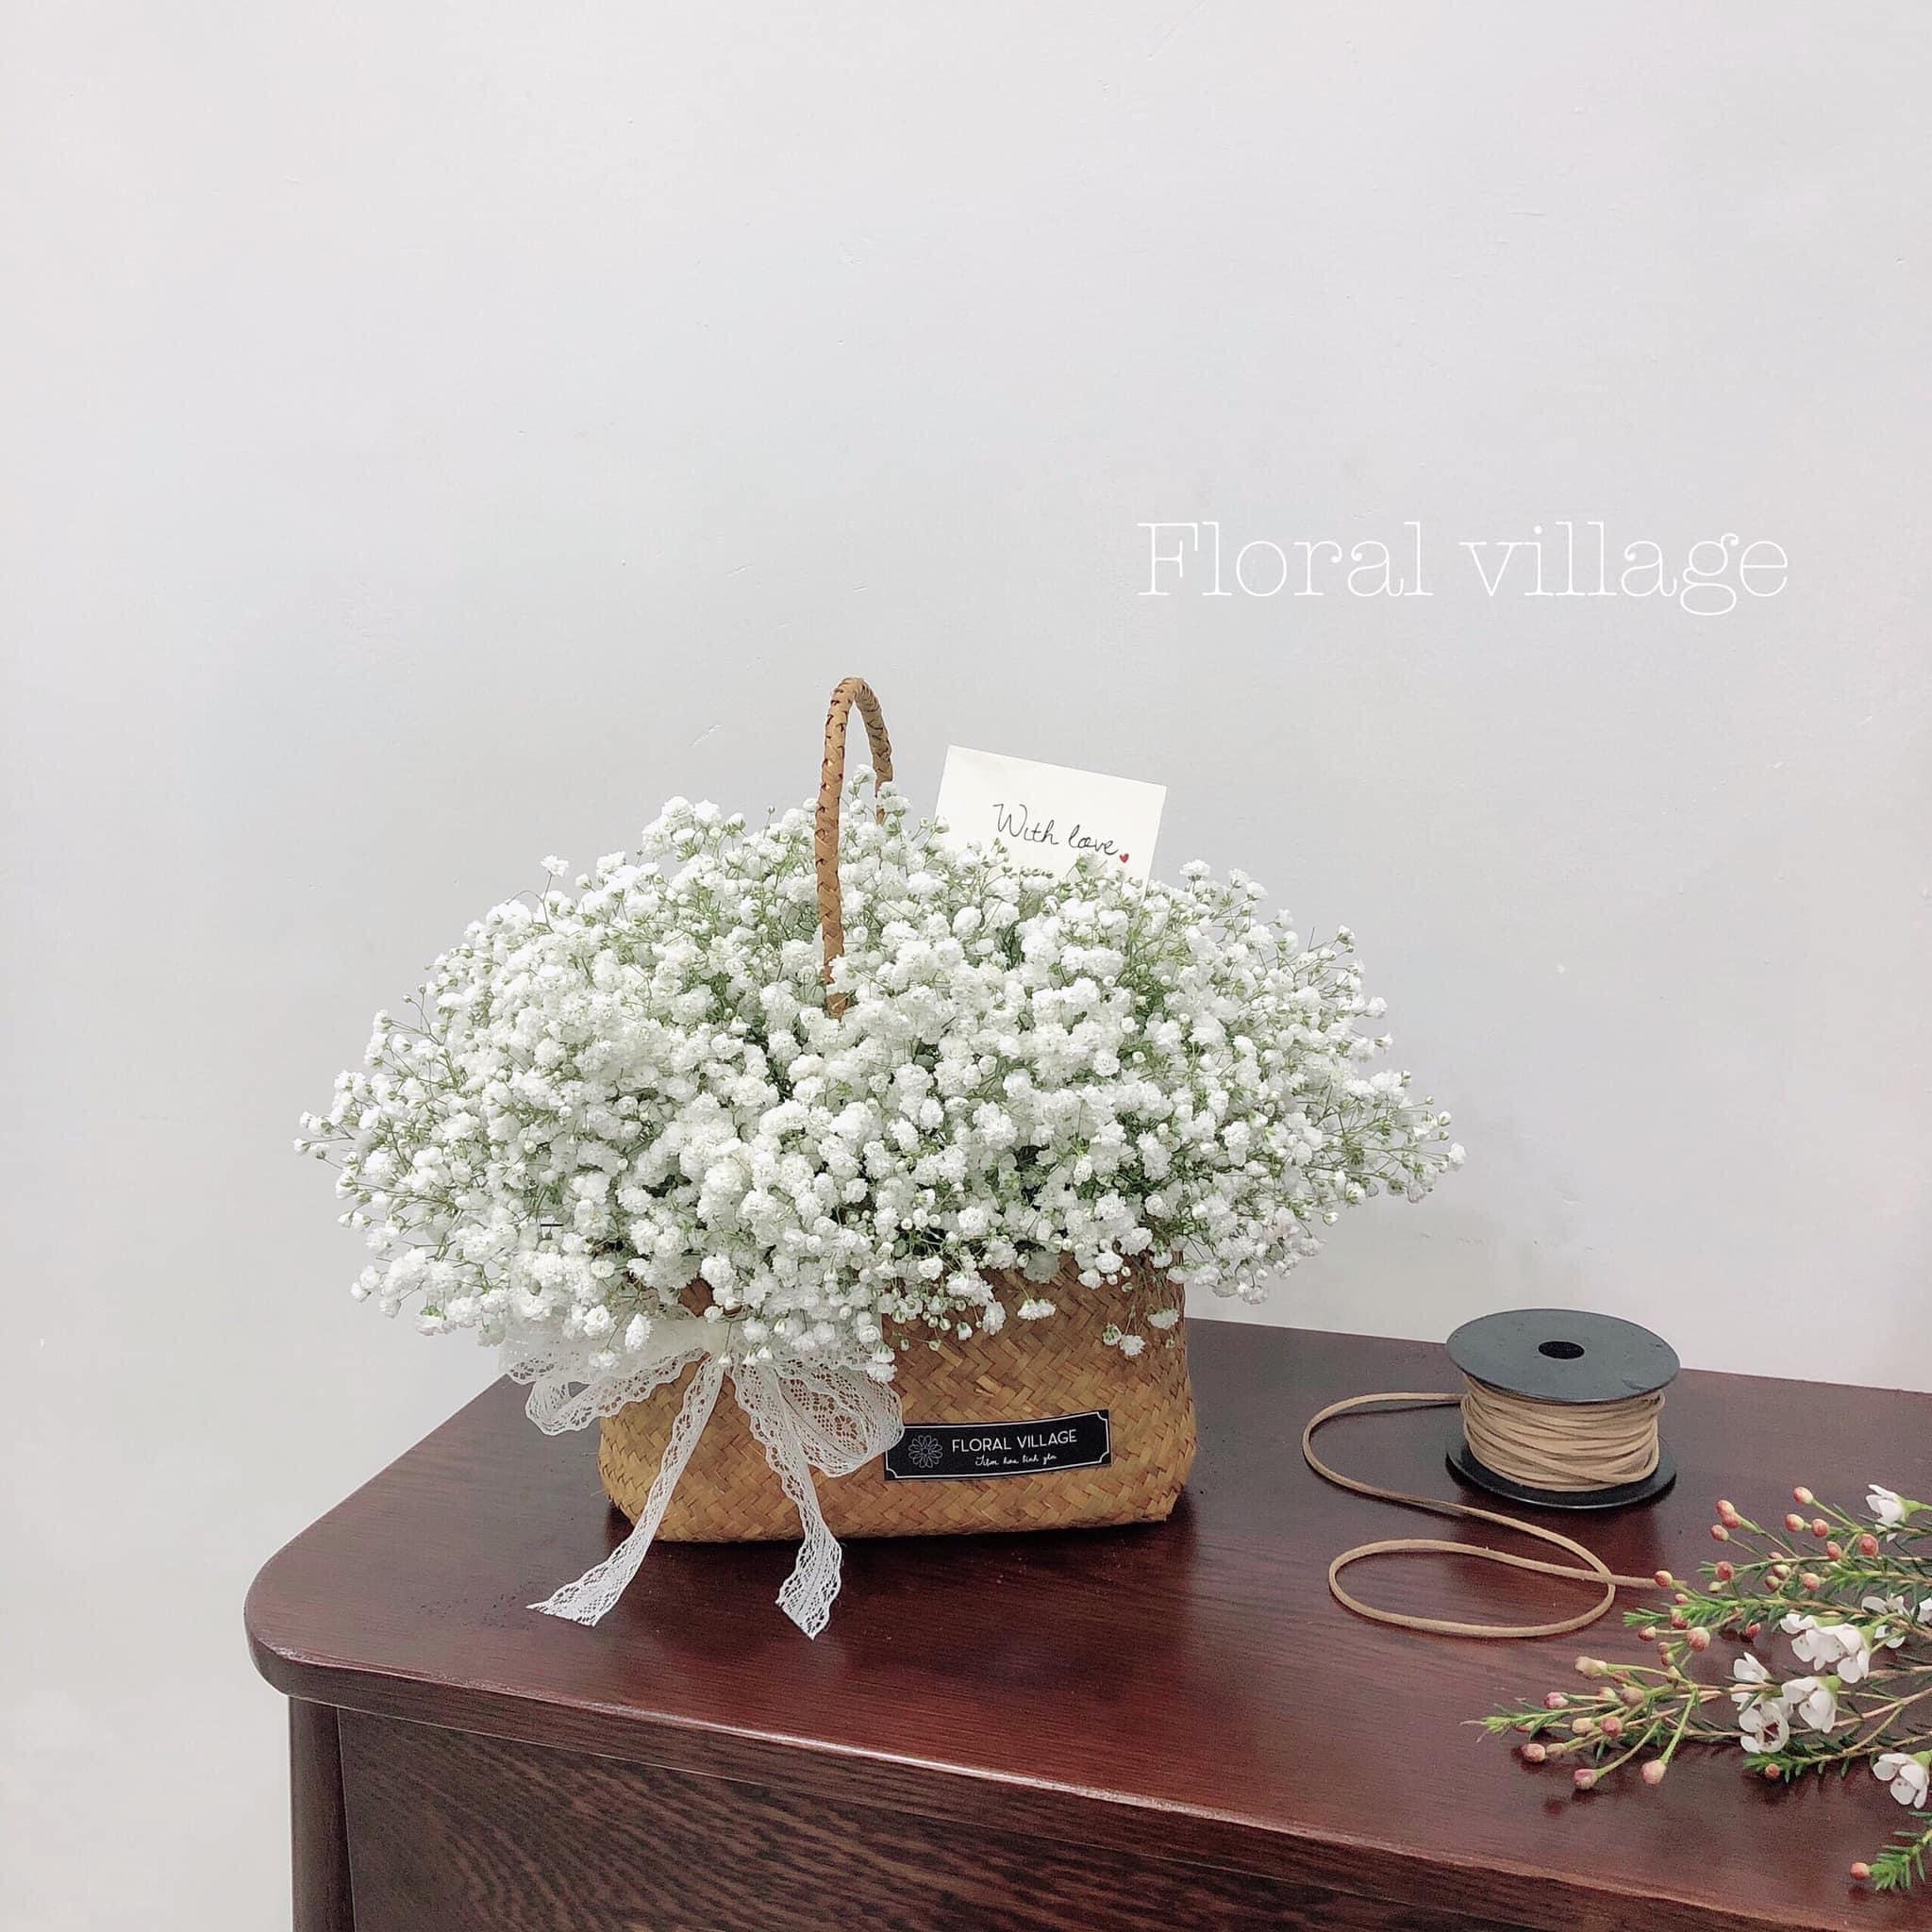 Tham khảo các mẫu lẵng hoa đẹp ngày 8/3 dành tặng phái nữ  - Ảnh 3.